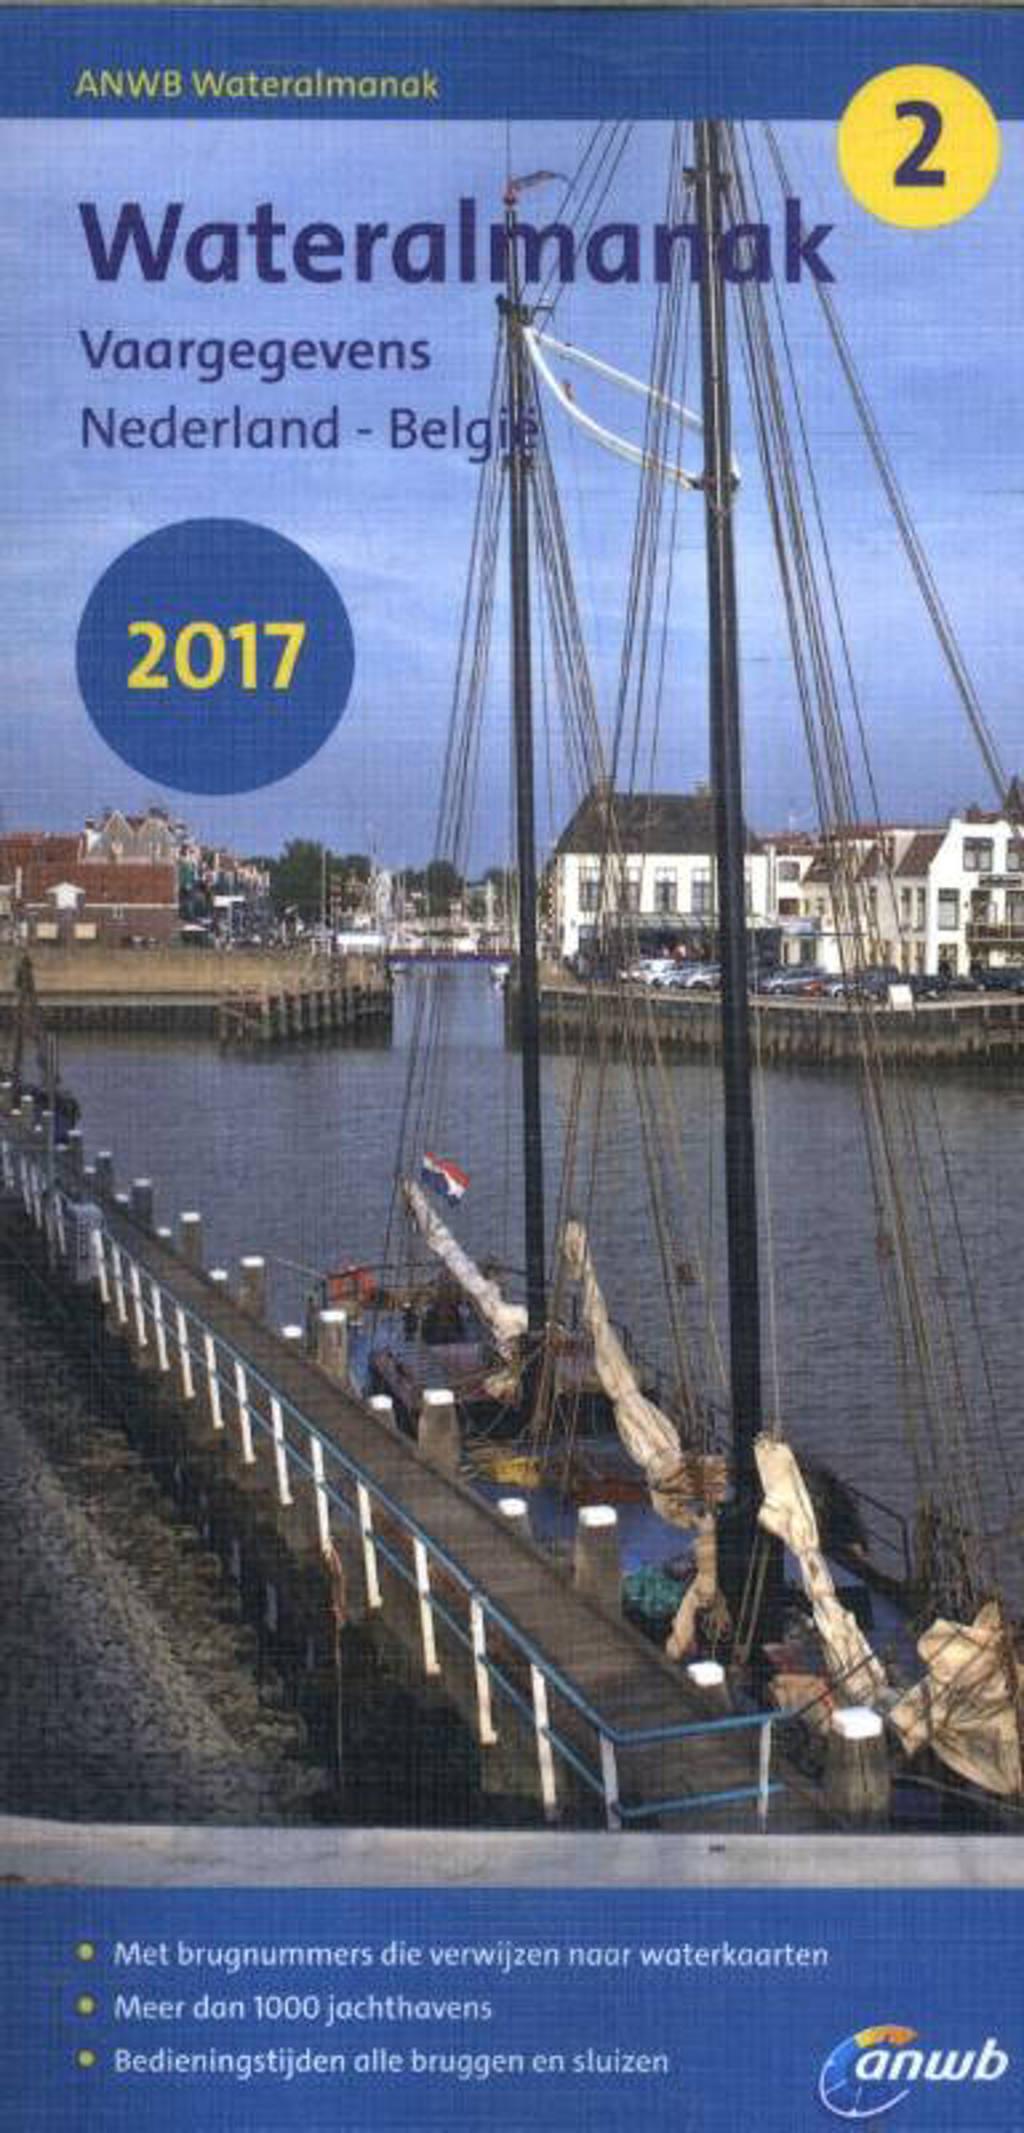 ANWB wateralmanak: Vaargegevens Nederland - België 2017